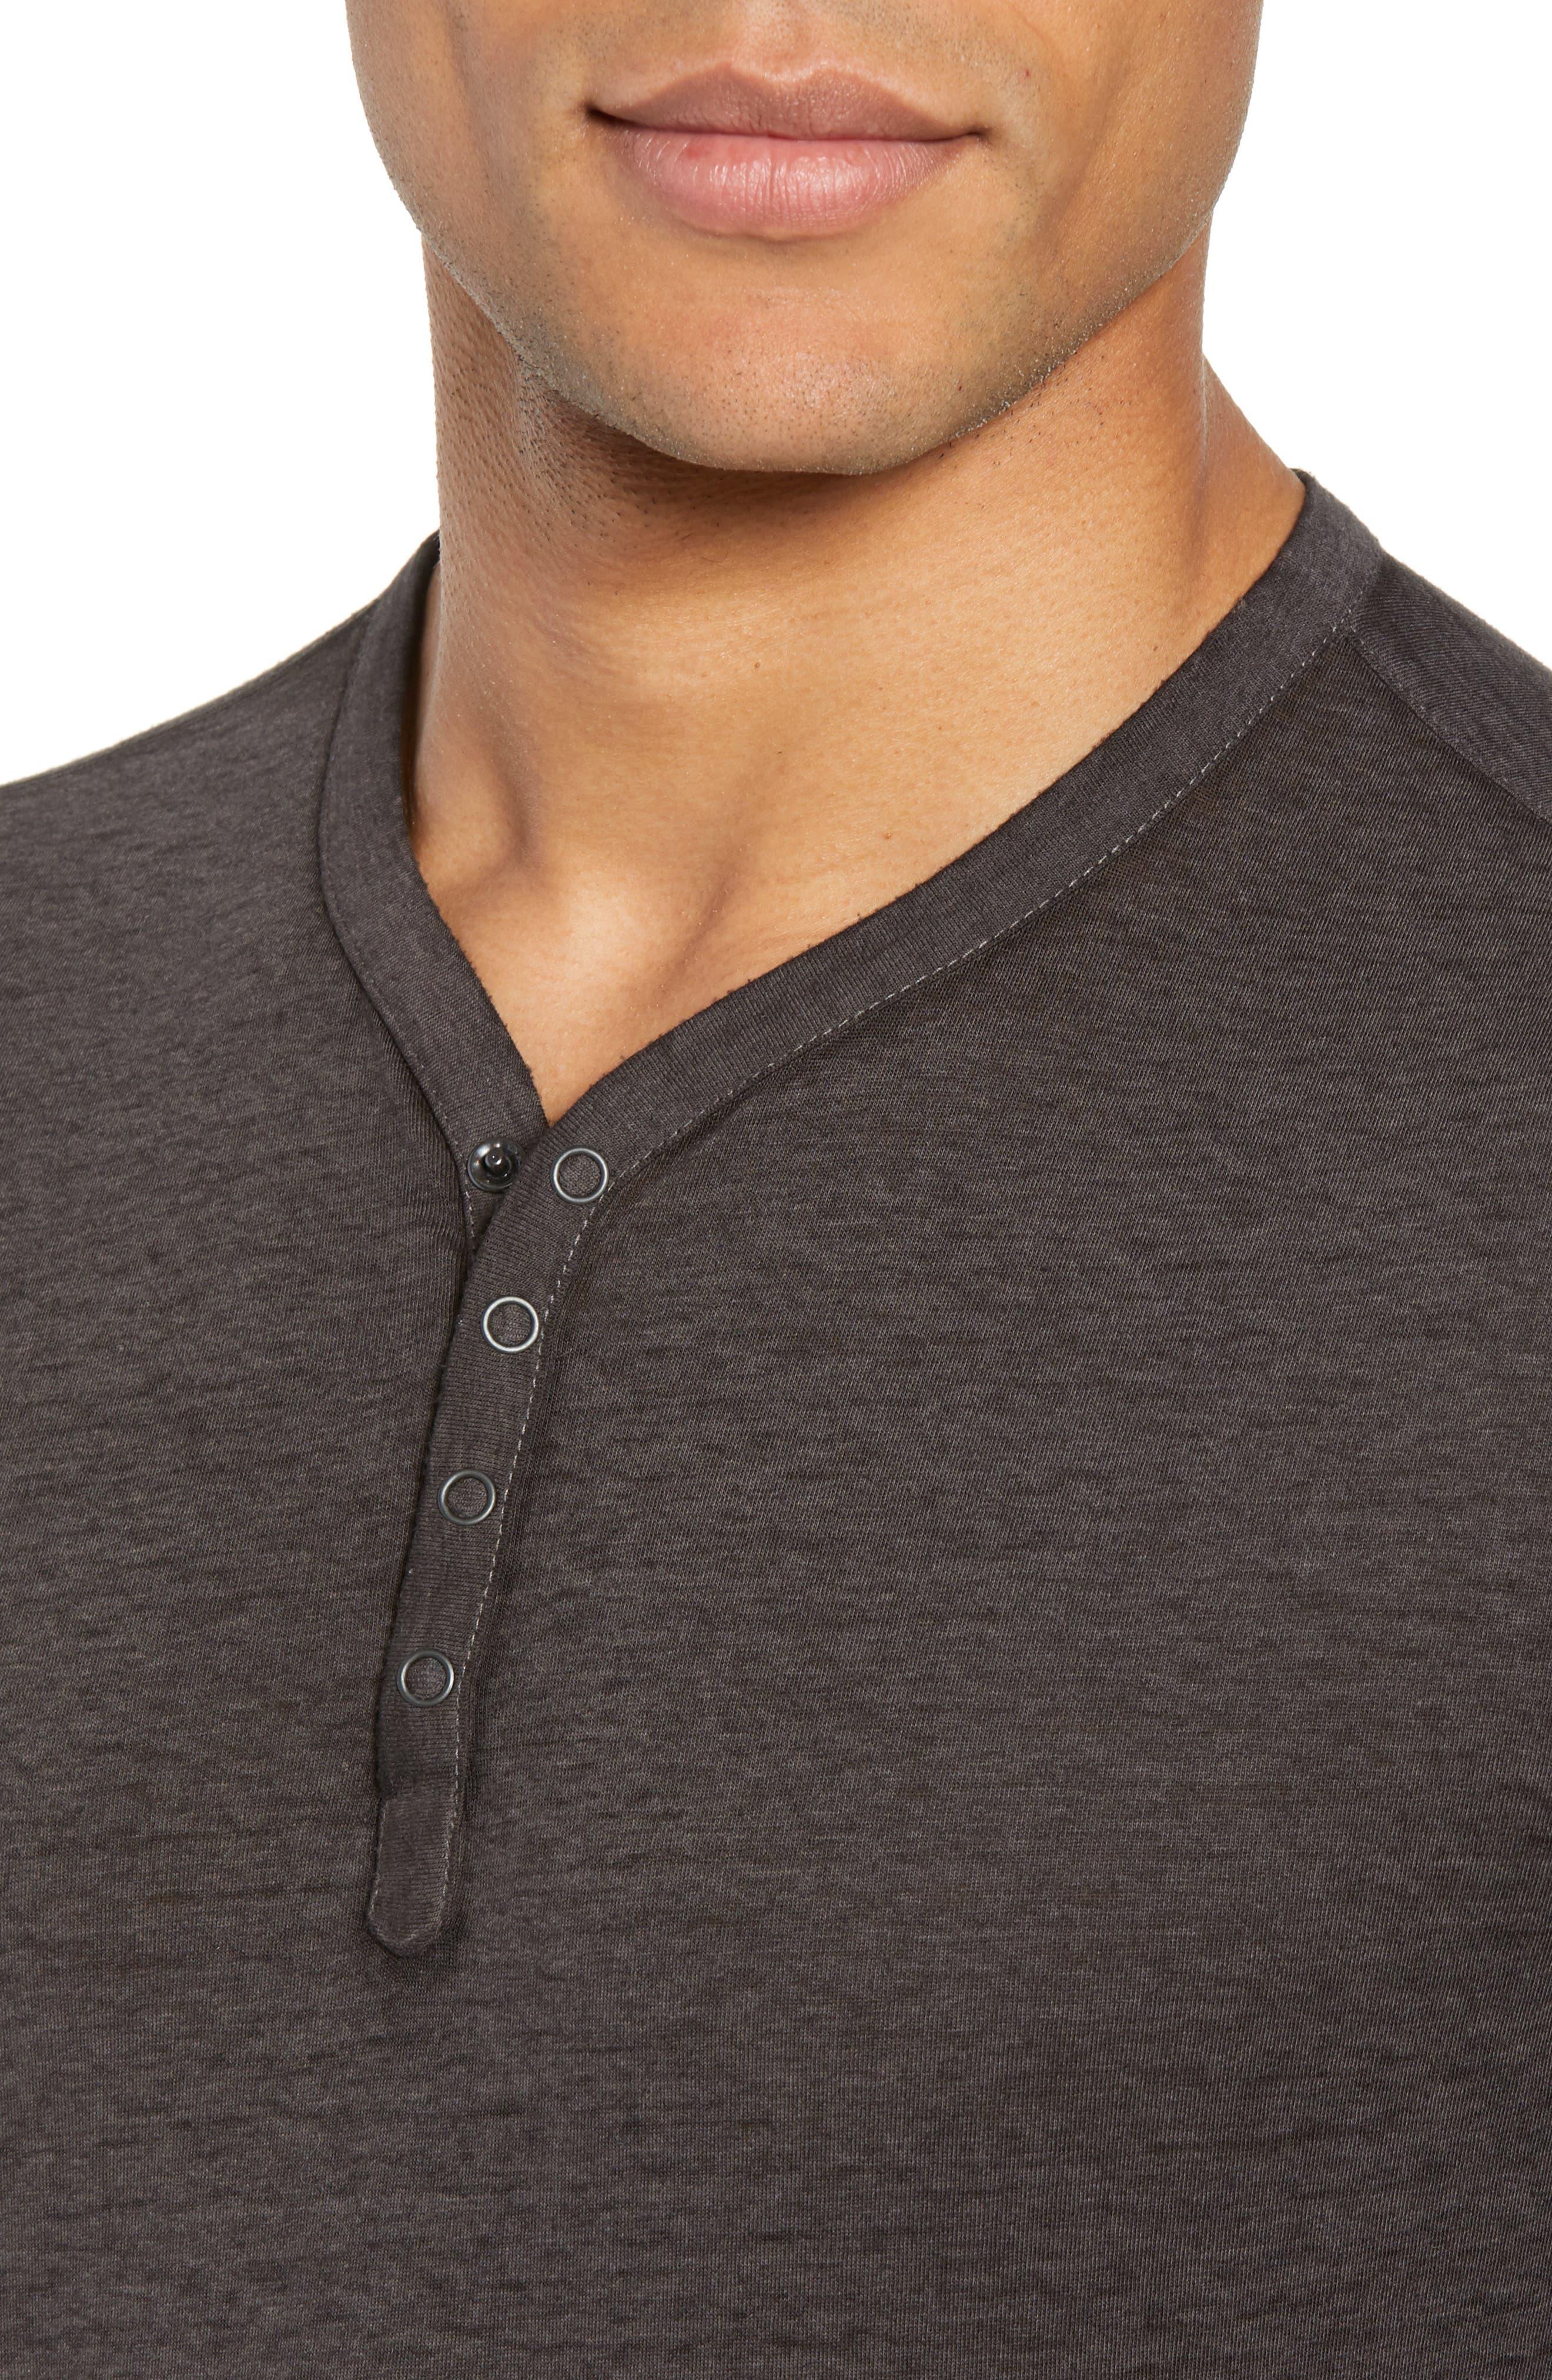 Burnout Henley T-Shirt,                             Alternate thumbnail 4, color,                             020